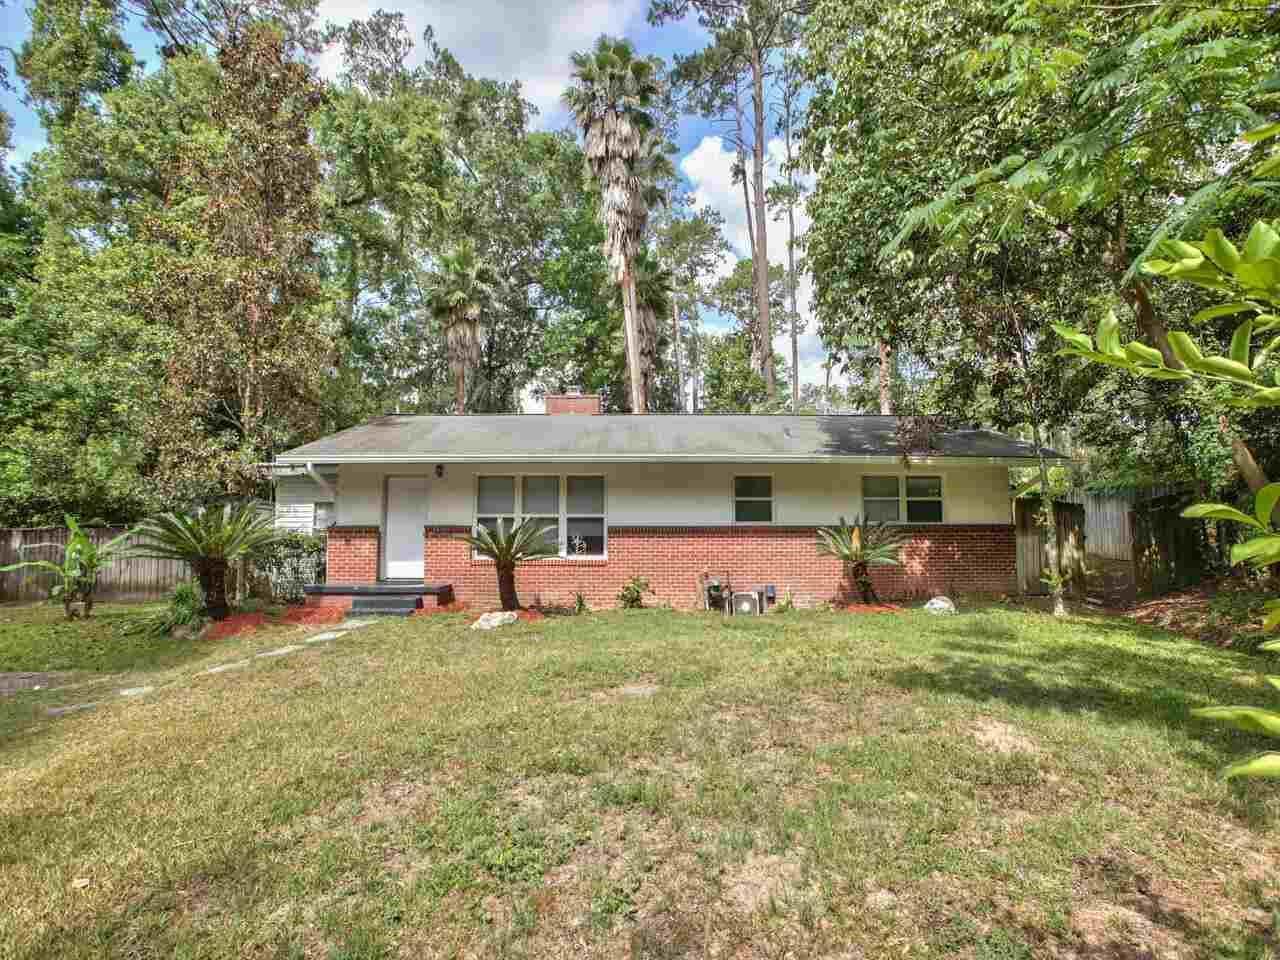 2112 High Road, Tallahassee, FL 32303 - MLS#: 333536